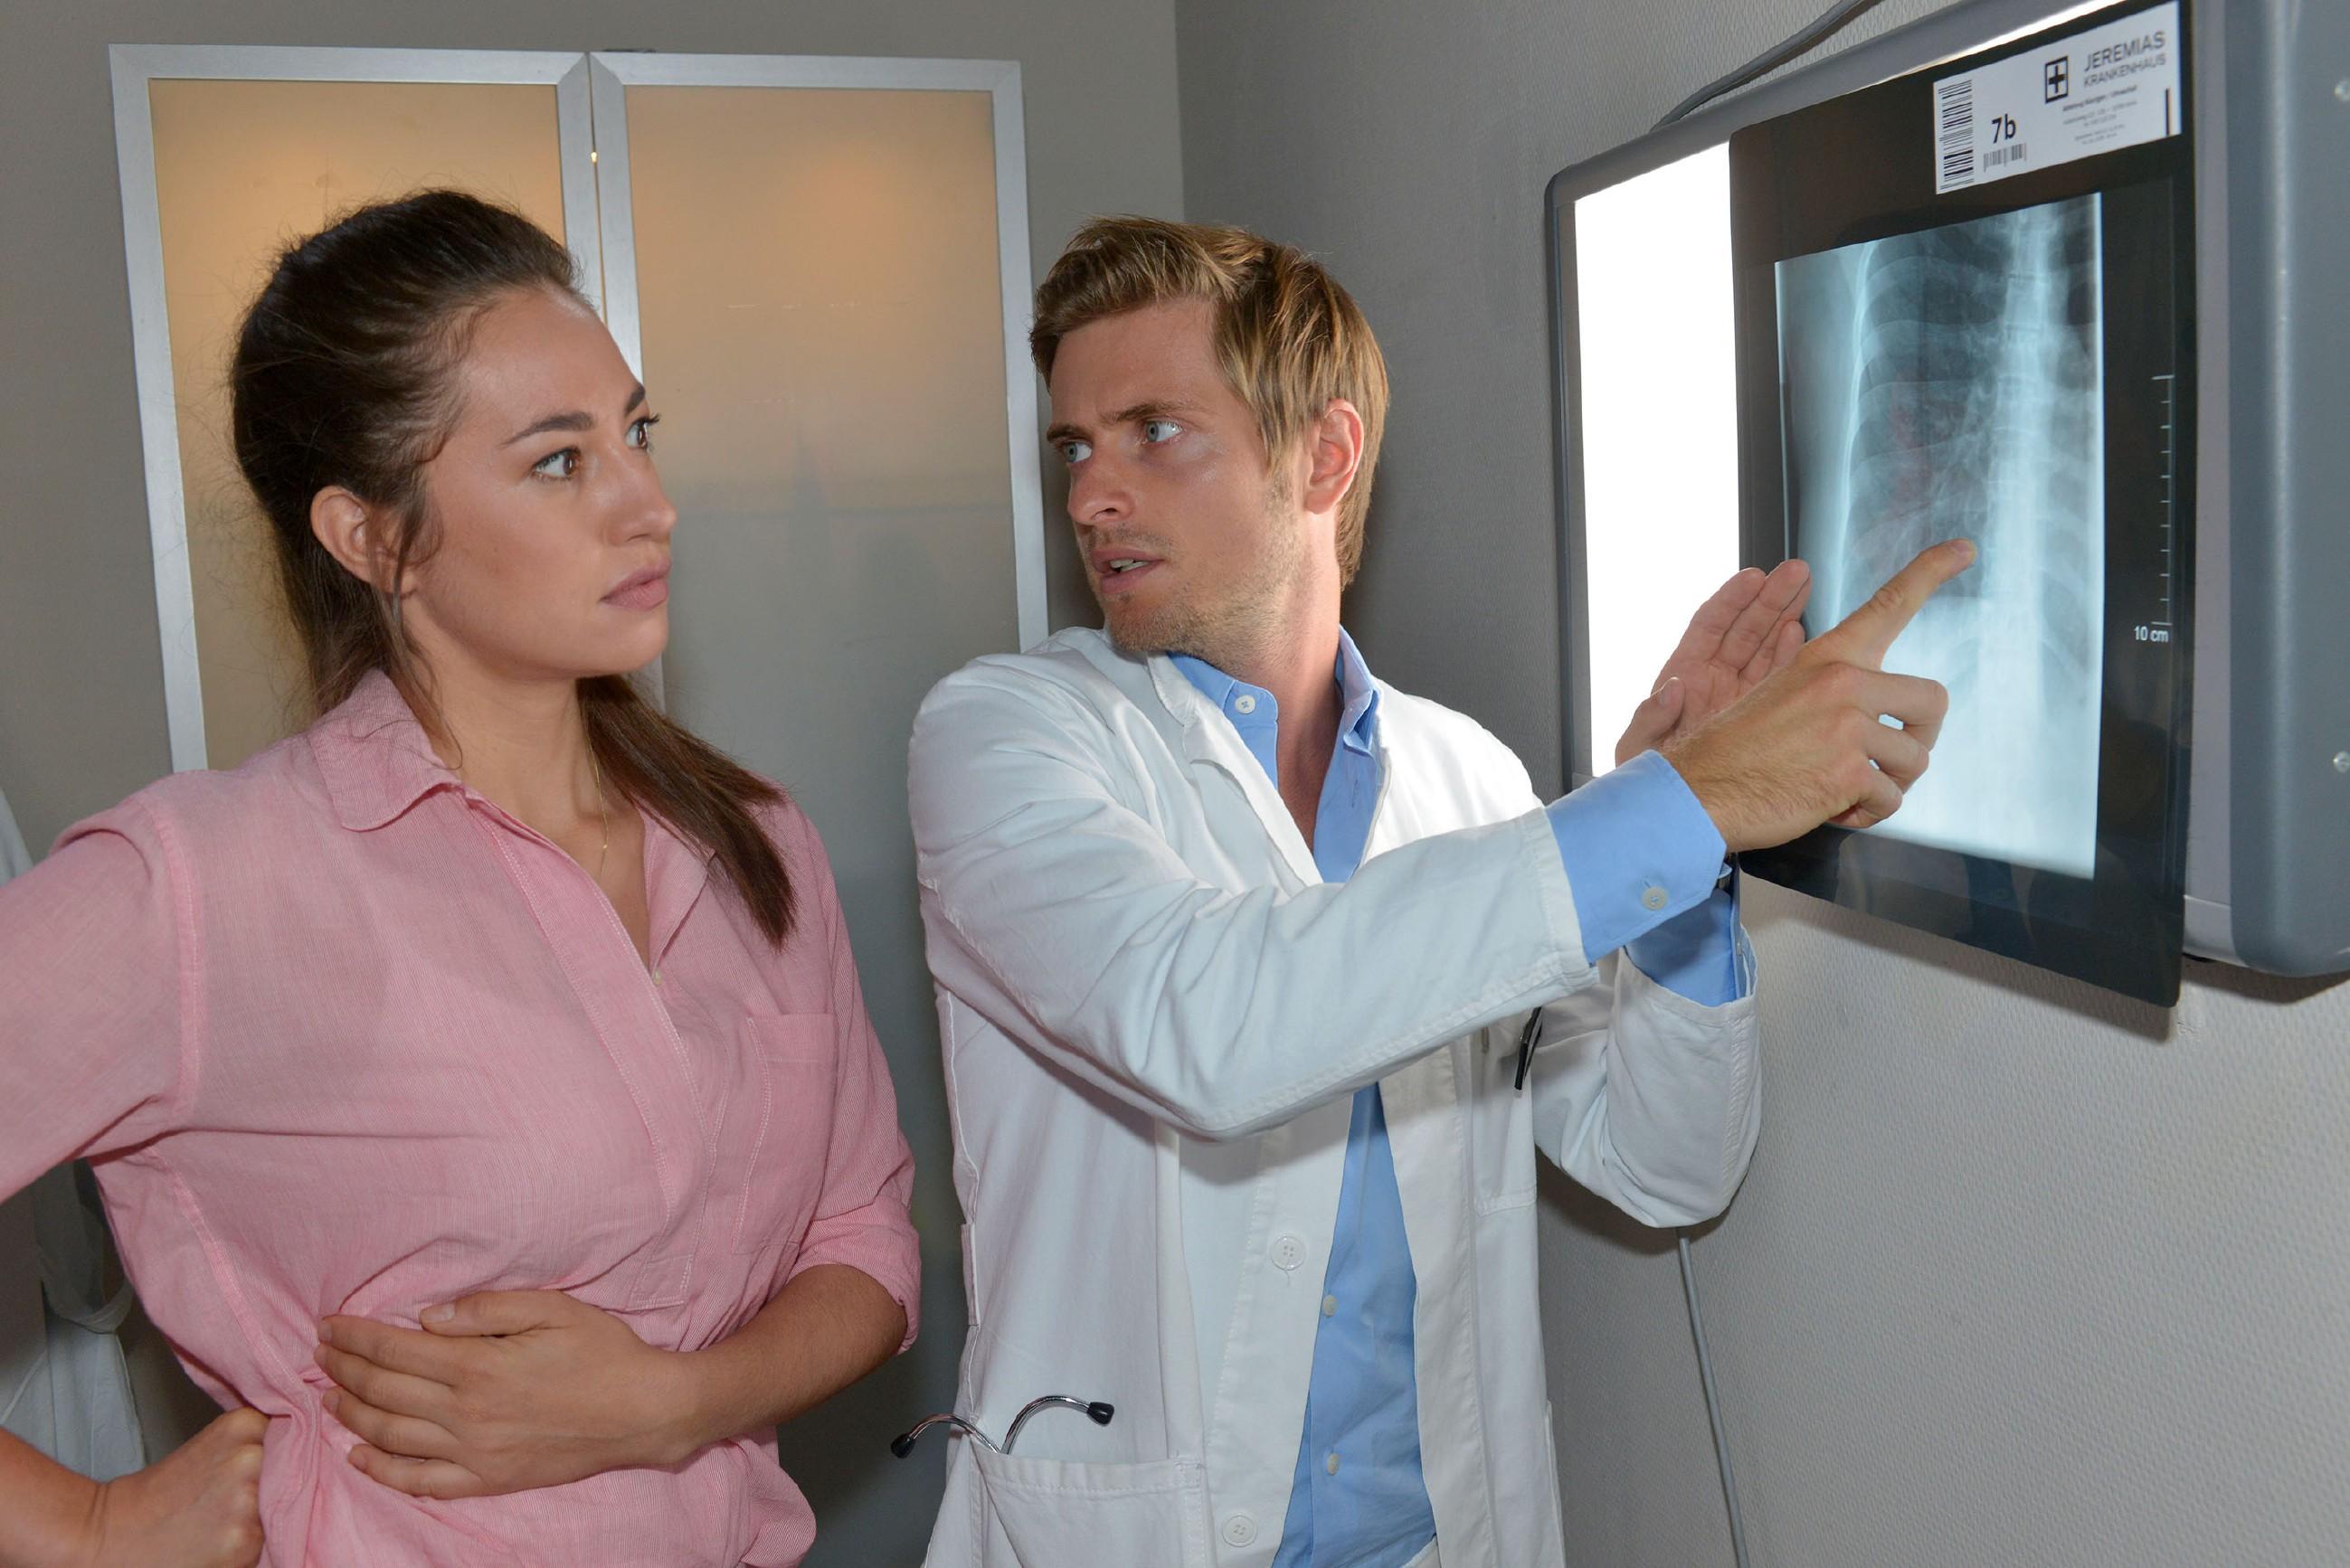 Als Elena (Elena Garcia Gerlach) nach einem kleinen Unfall bei Philip (Jörn Schlönvoigt) im Krankenhaus landet, fühlt sie sich schäbig, Philip weiterhin belügen zu müssen. (Quelle: © RTL / Rolf Baumgartner)